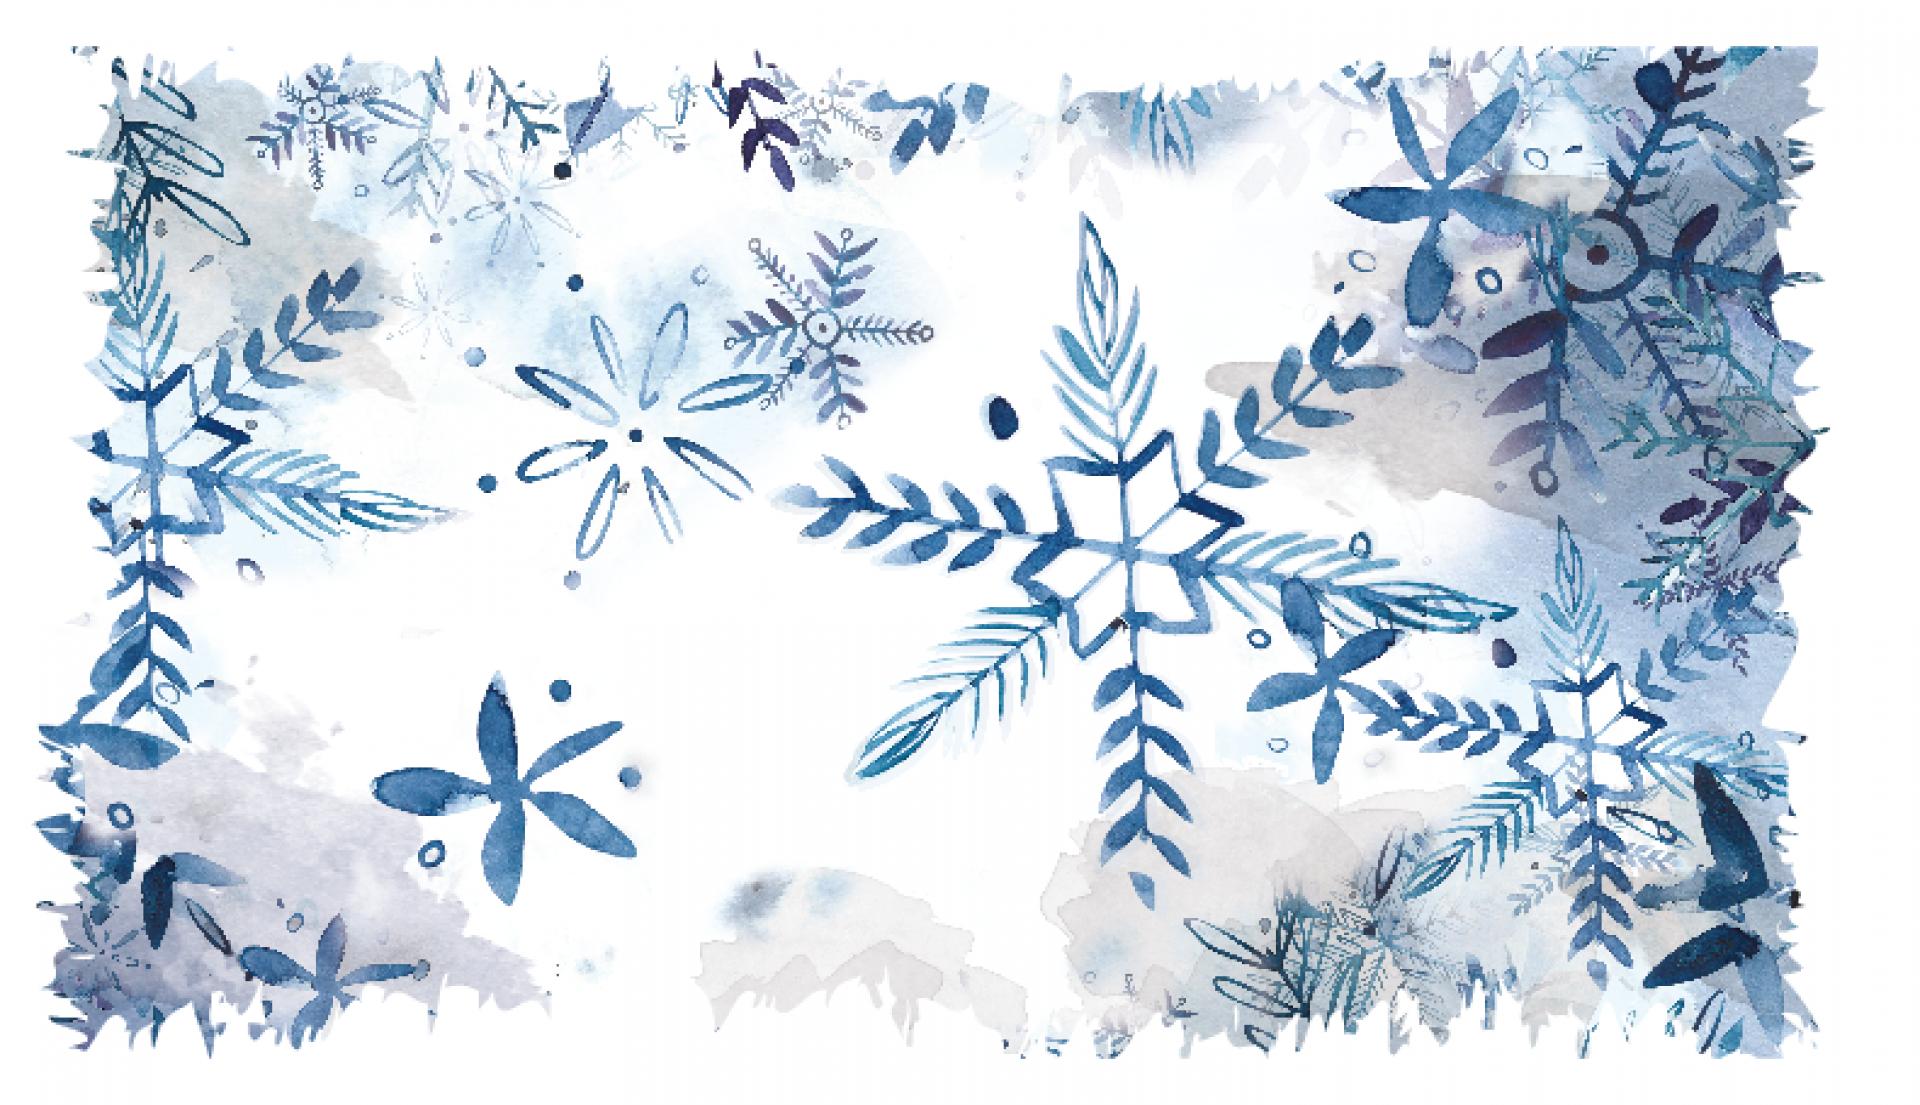 Życzenia świąteczno-noworoczne  - zobacz więcej